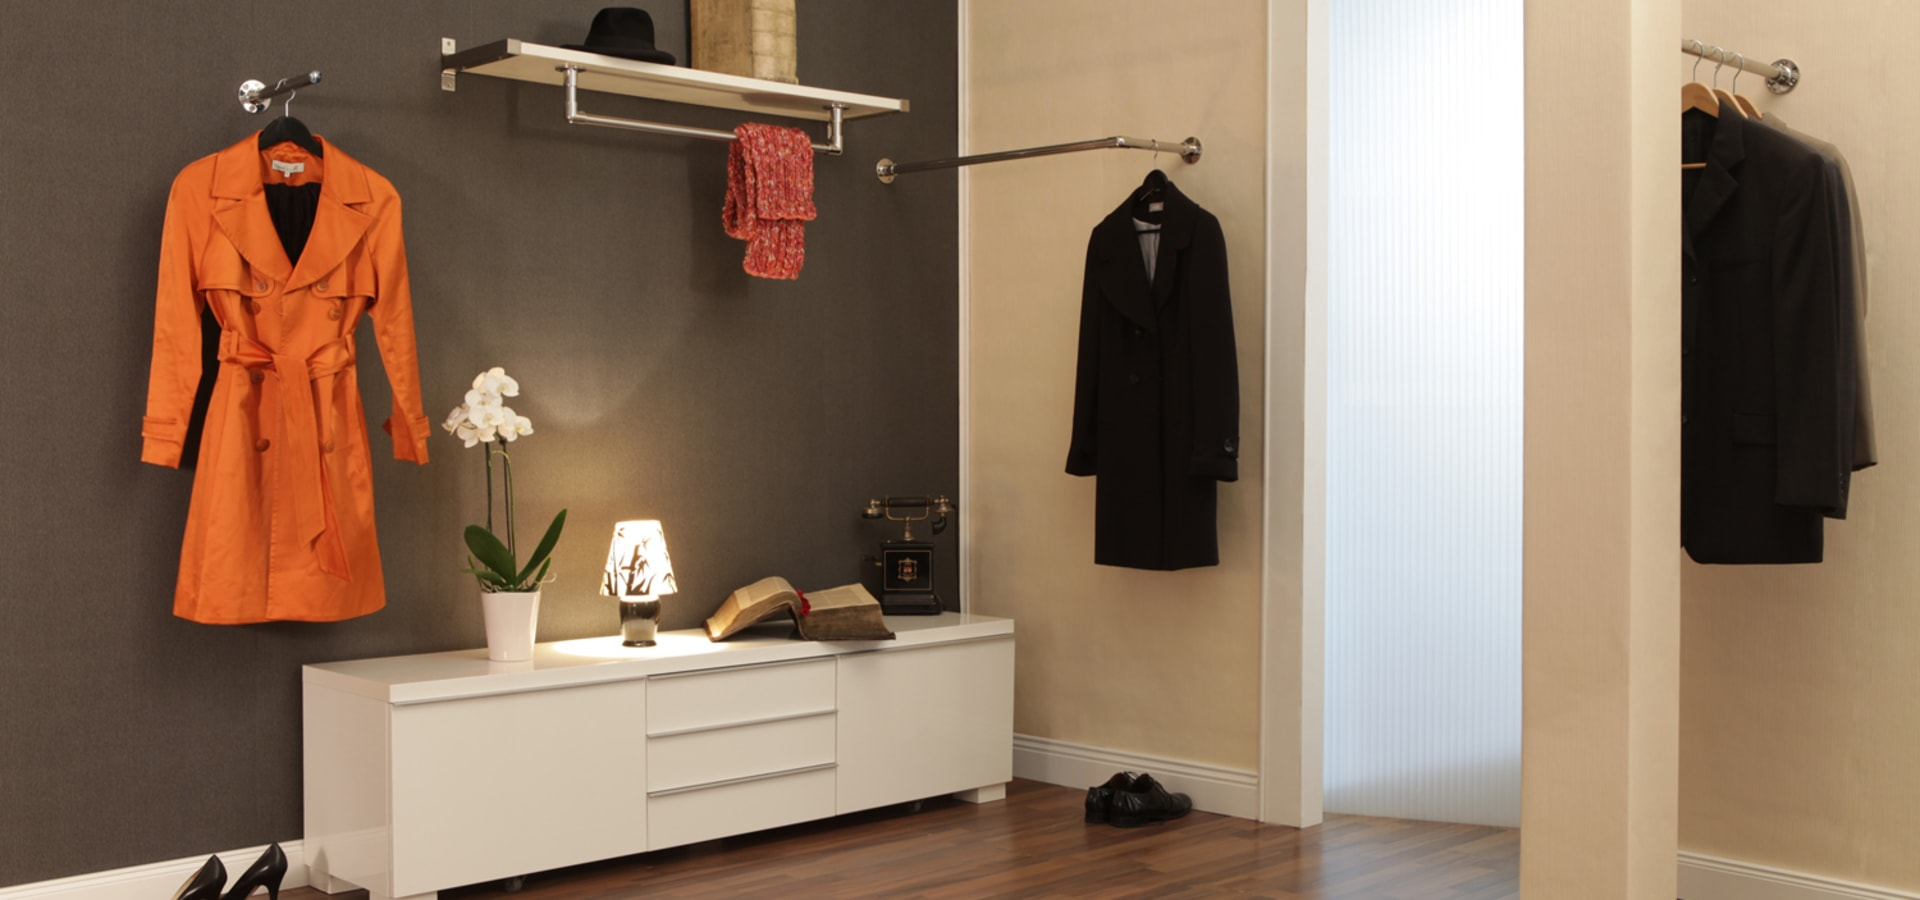 Inspirierend Schlafzimmer Mit Ankleidezimmer Referenz Von Uli Garderoben